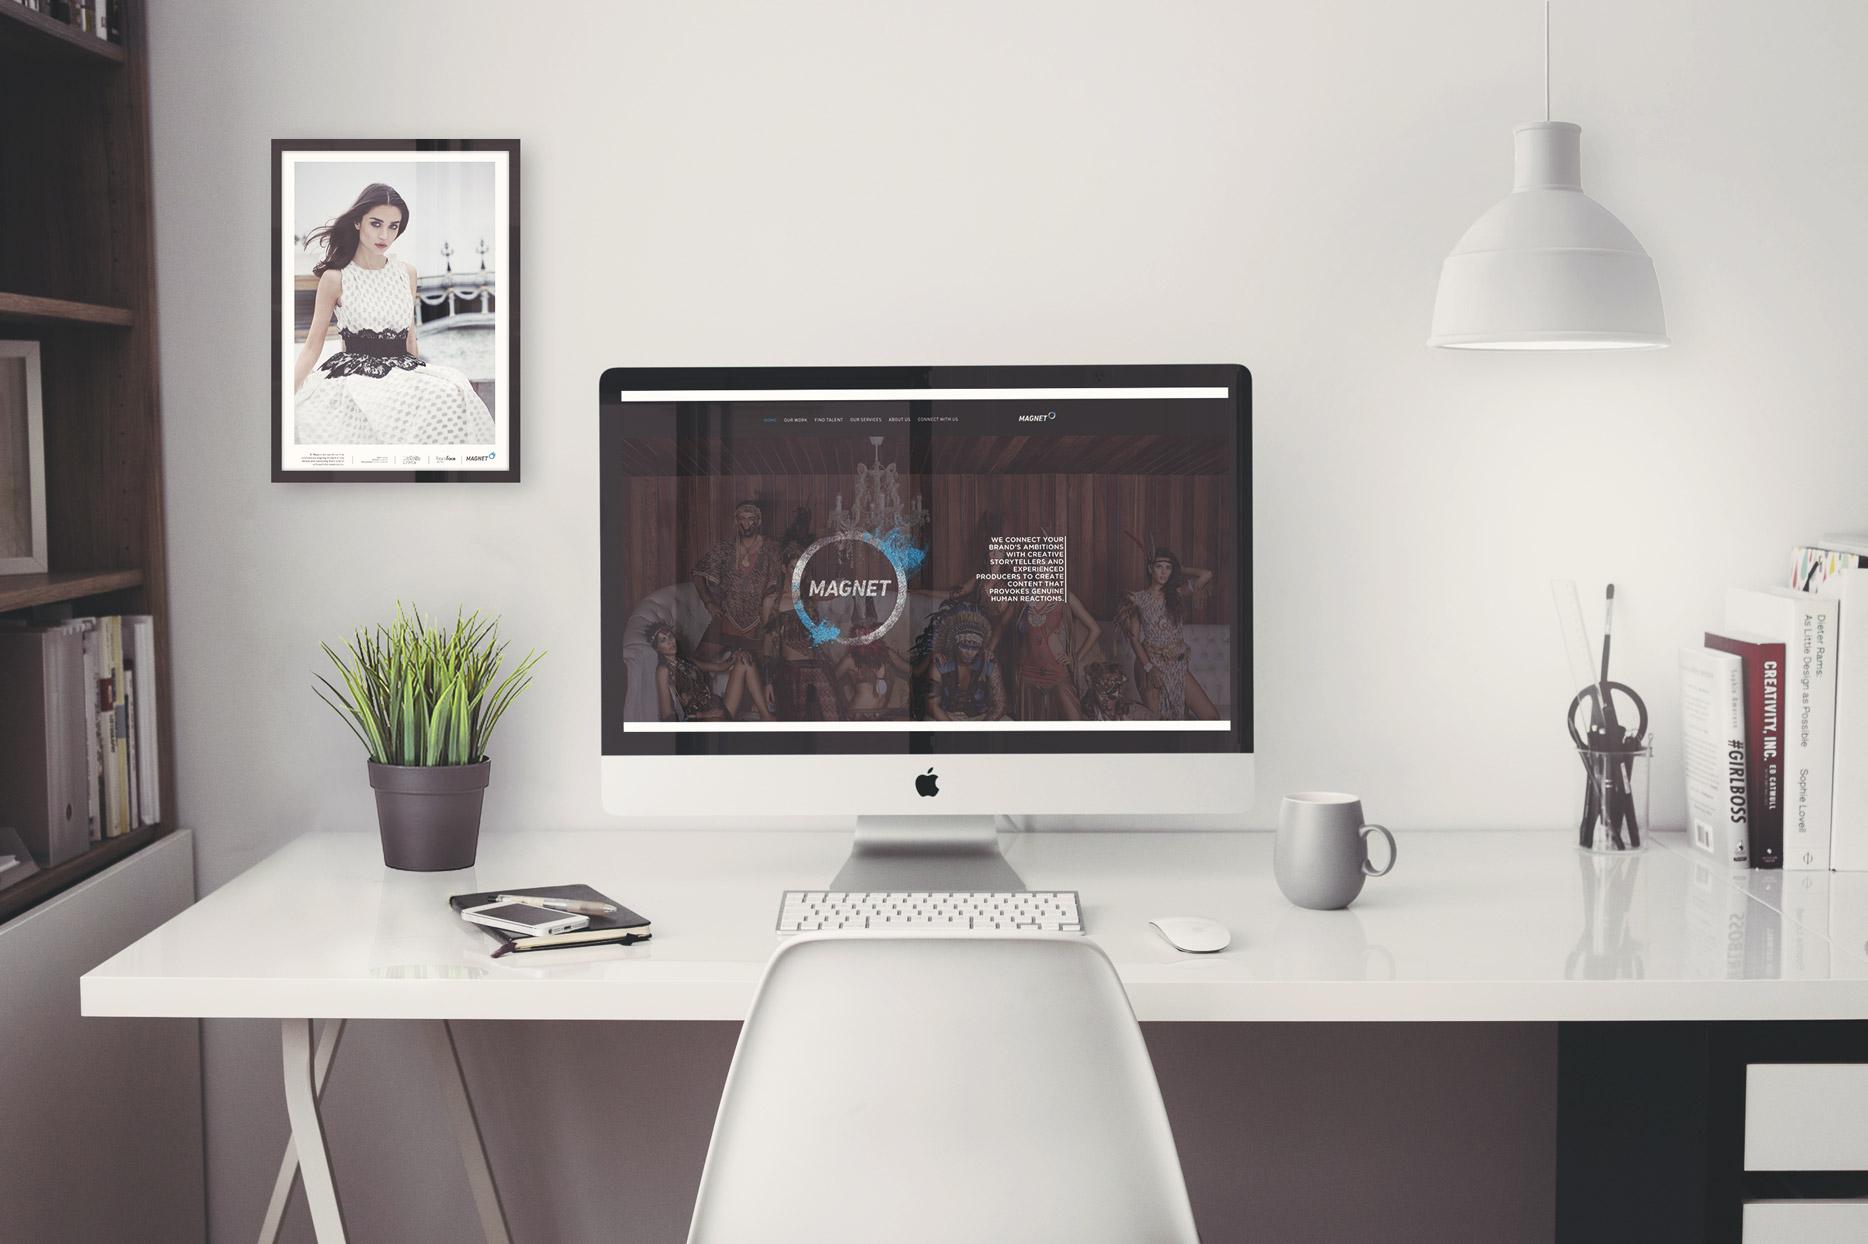 magnet-web-mockup-home